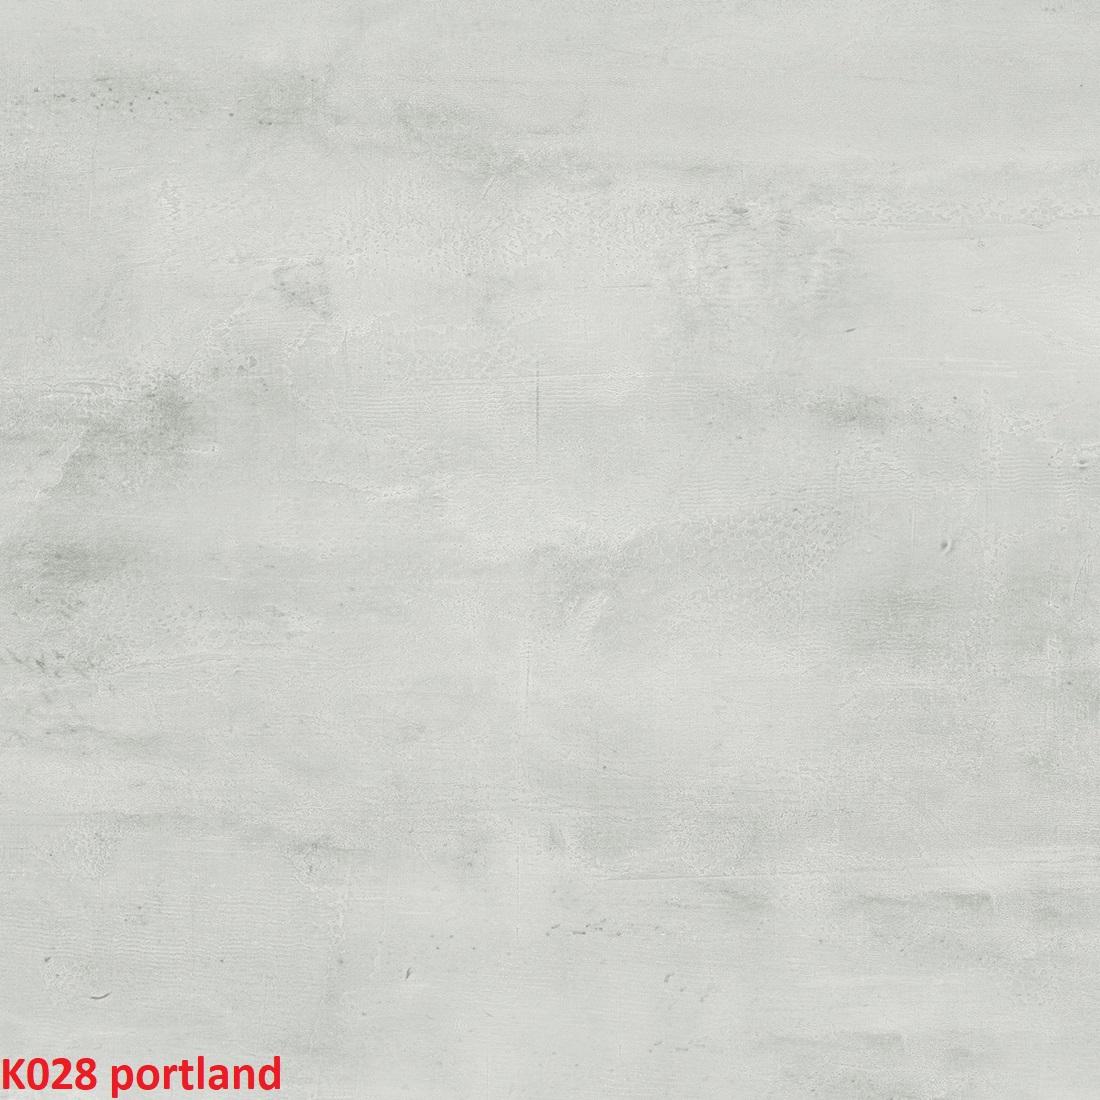 ArtExt Pracovná doska - 38 mm 38 mm: Portland K028 SU